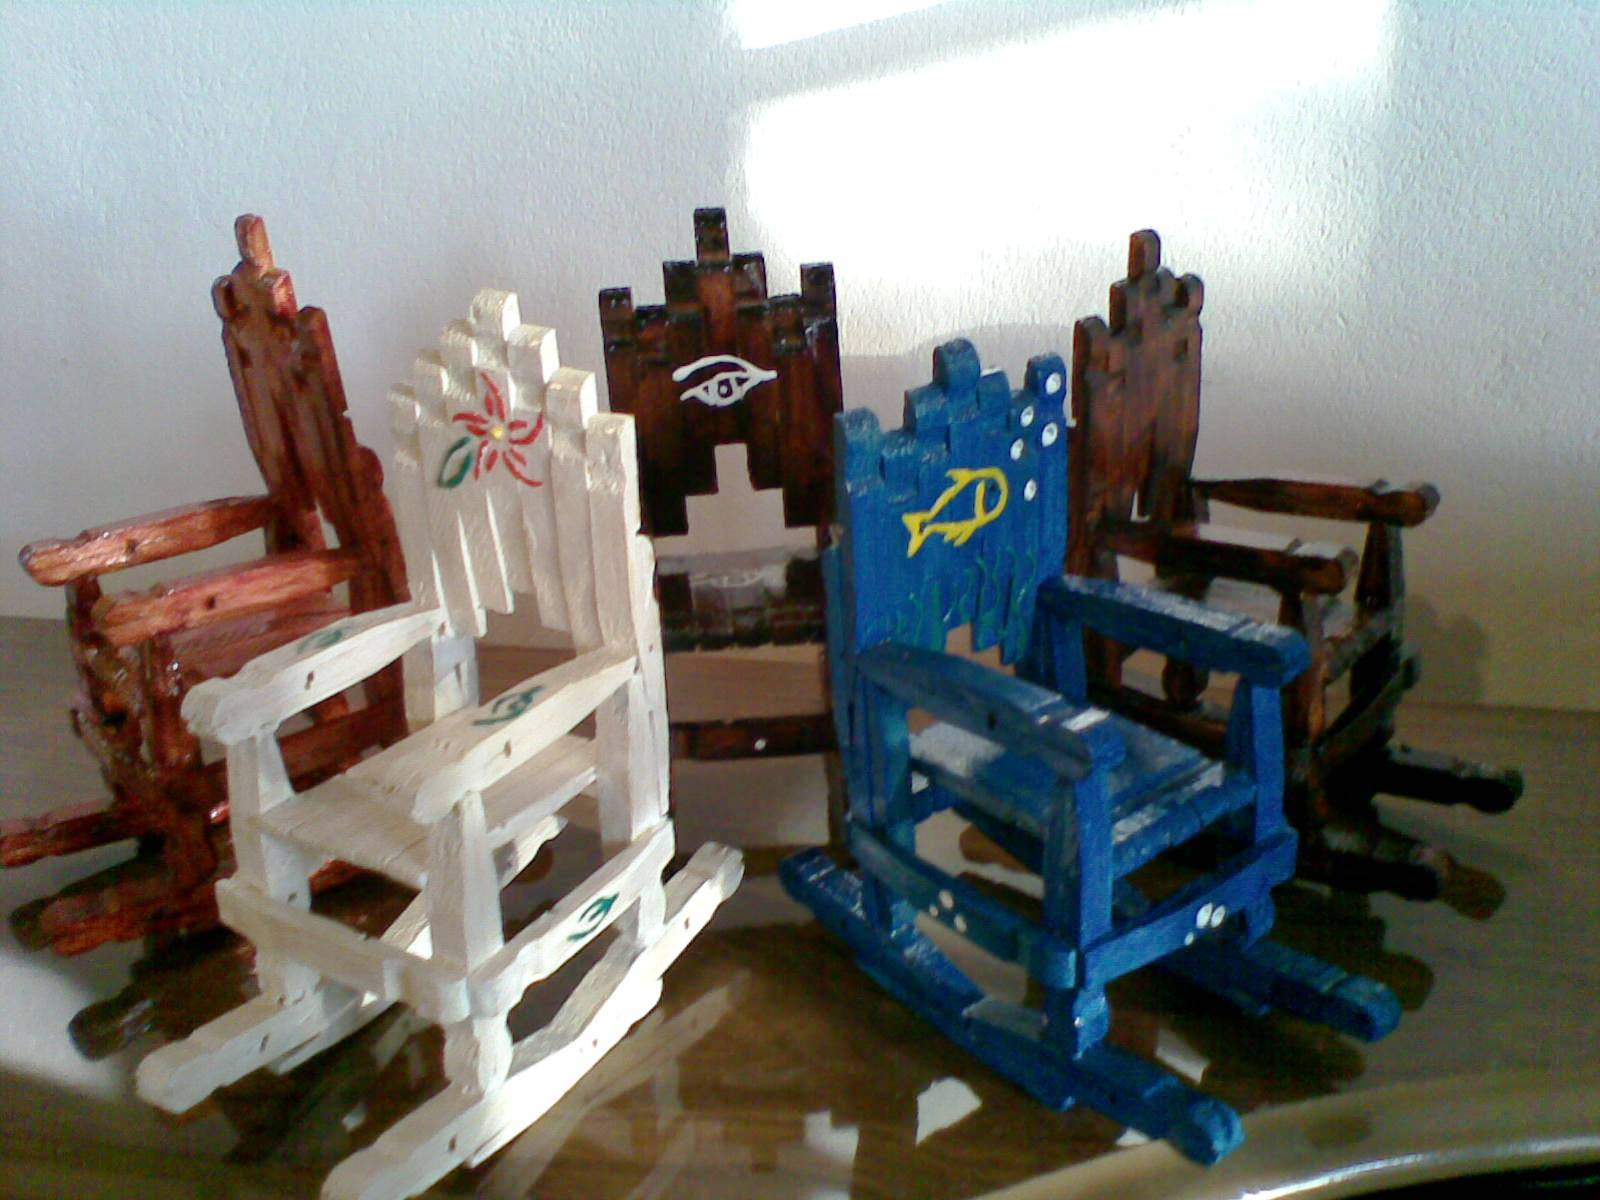 Modelos de artesanato com prendedor de roupa #0E4171 1600x1200